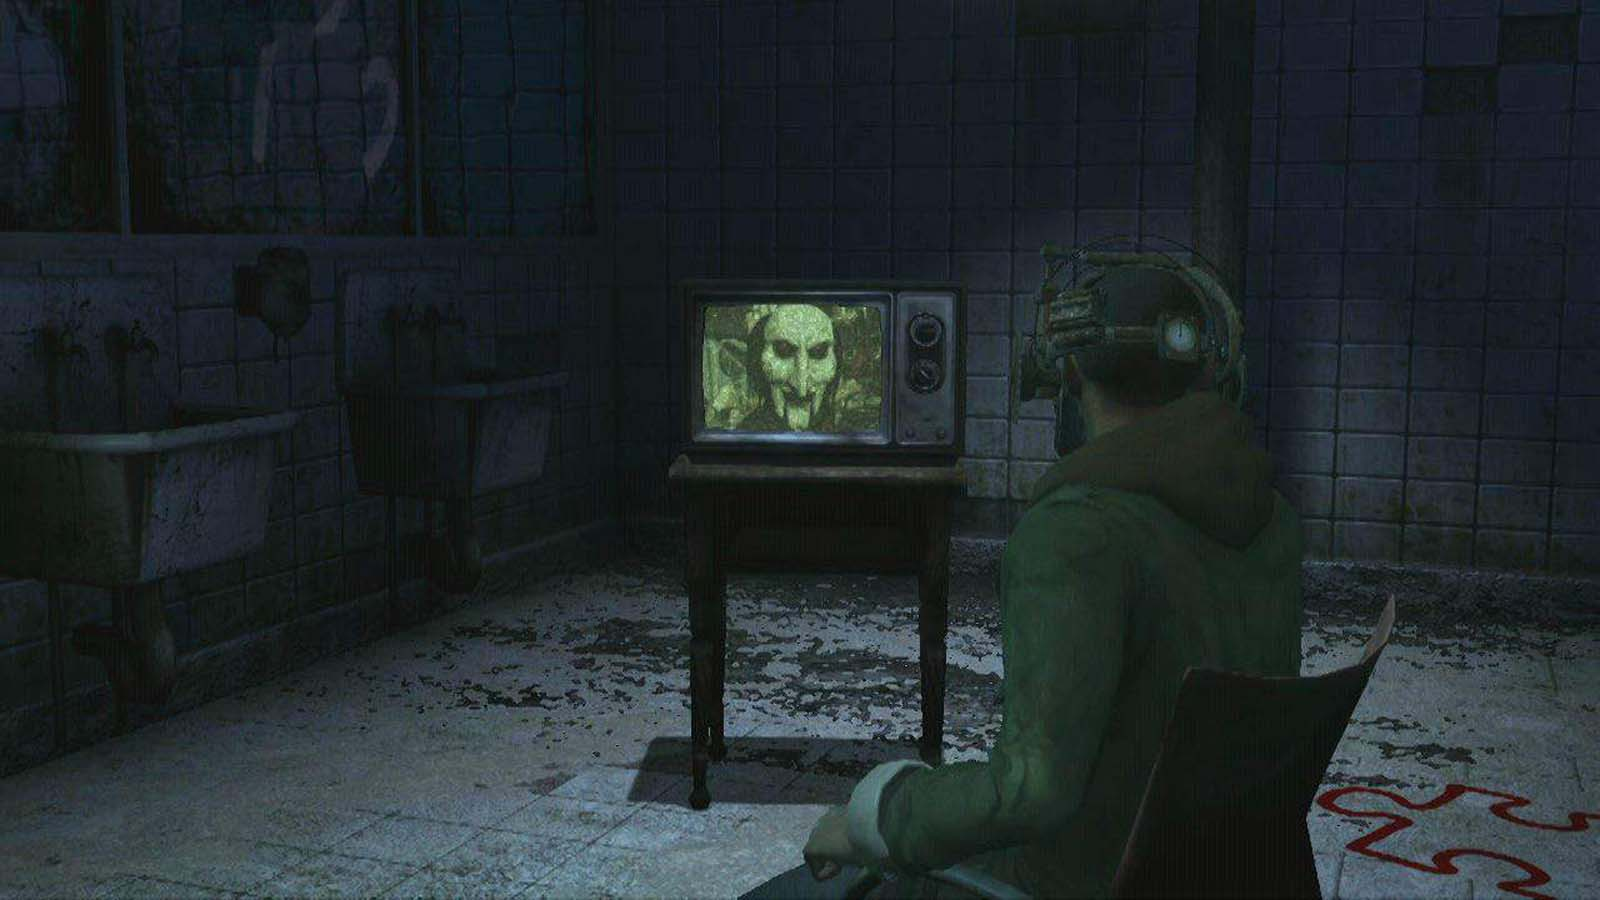 تحميل لعبة Saw مضغوطة برابط واحد مباشر كاملة مجانا